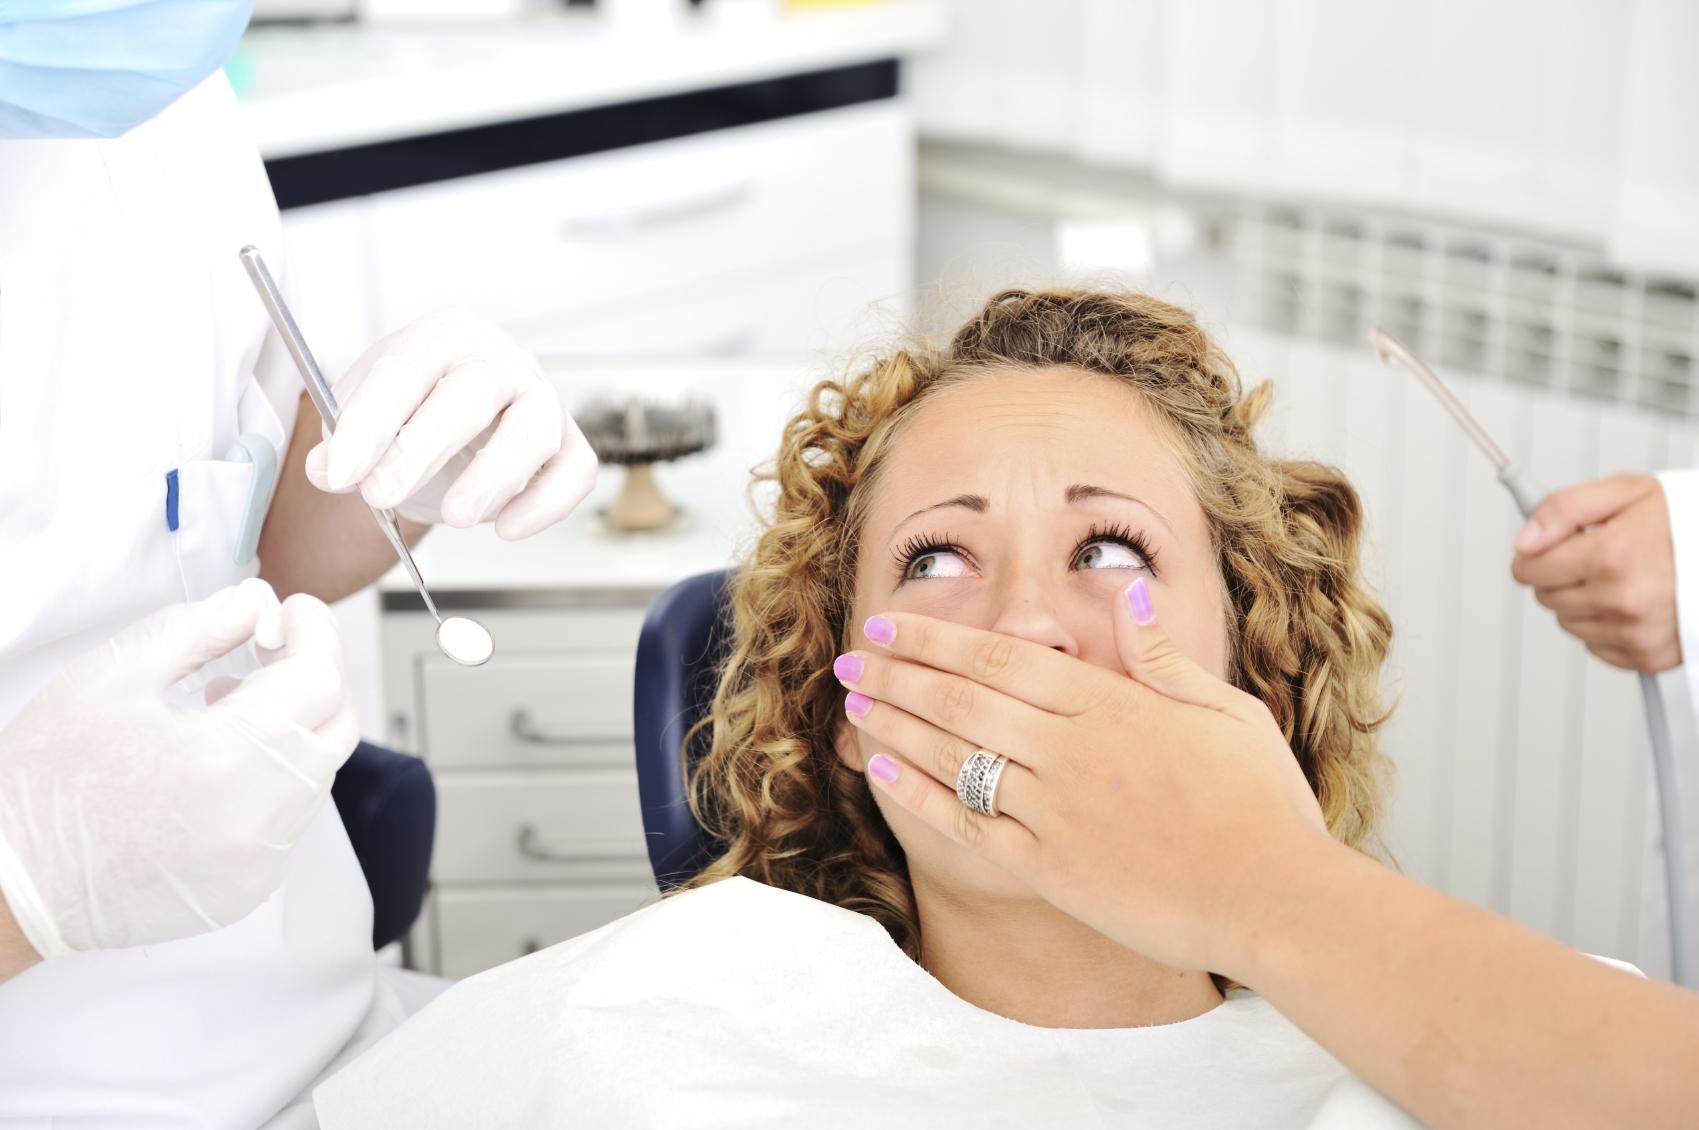 Статья: Боюсь идти к стоматологу. Что делать?